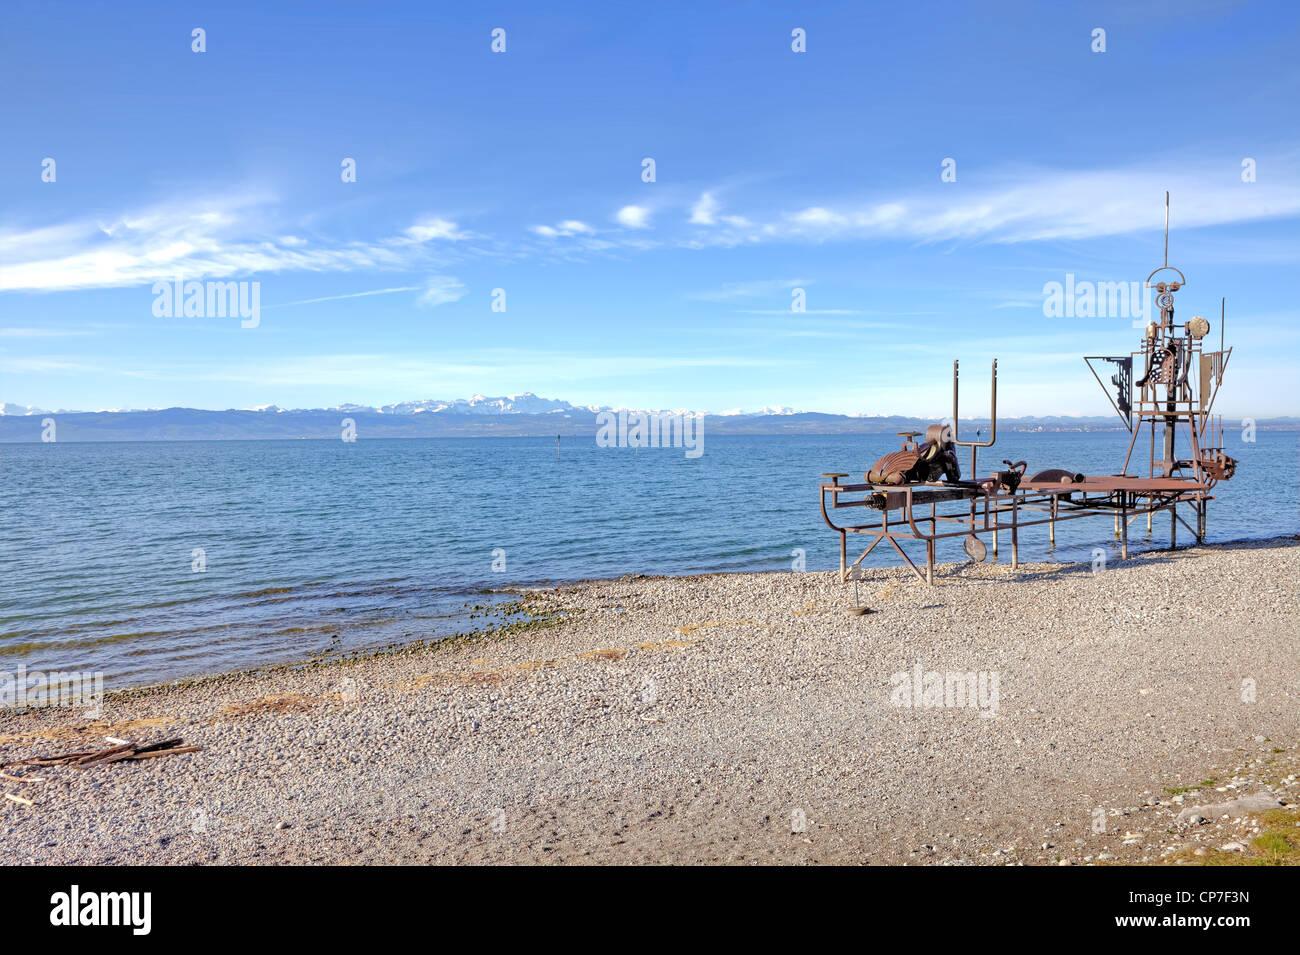 Nave suono, al momento, Friedrichshafen, Lago di Costanza, Baden-Württemberg, il lago di Costanza - Germania Immagini Stock